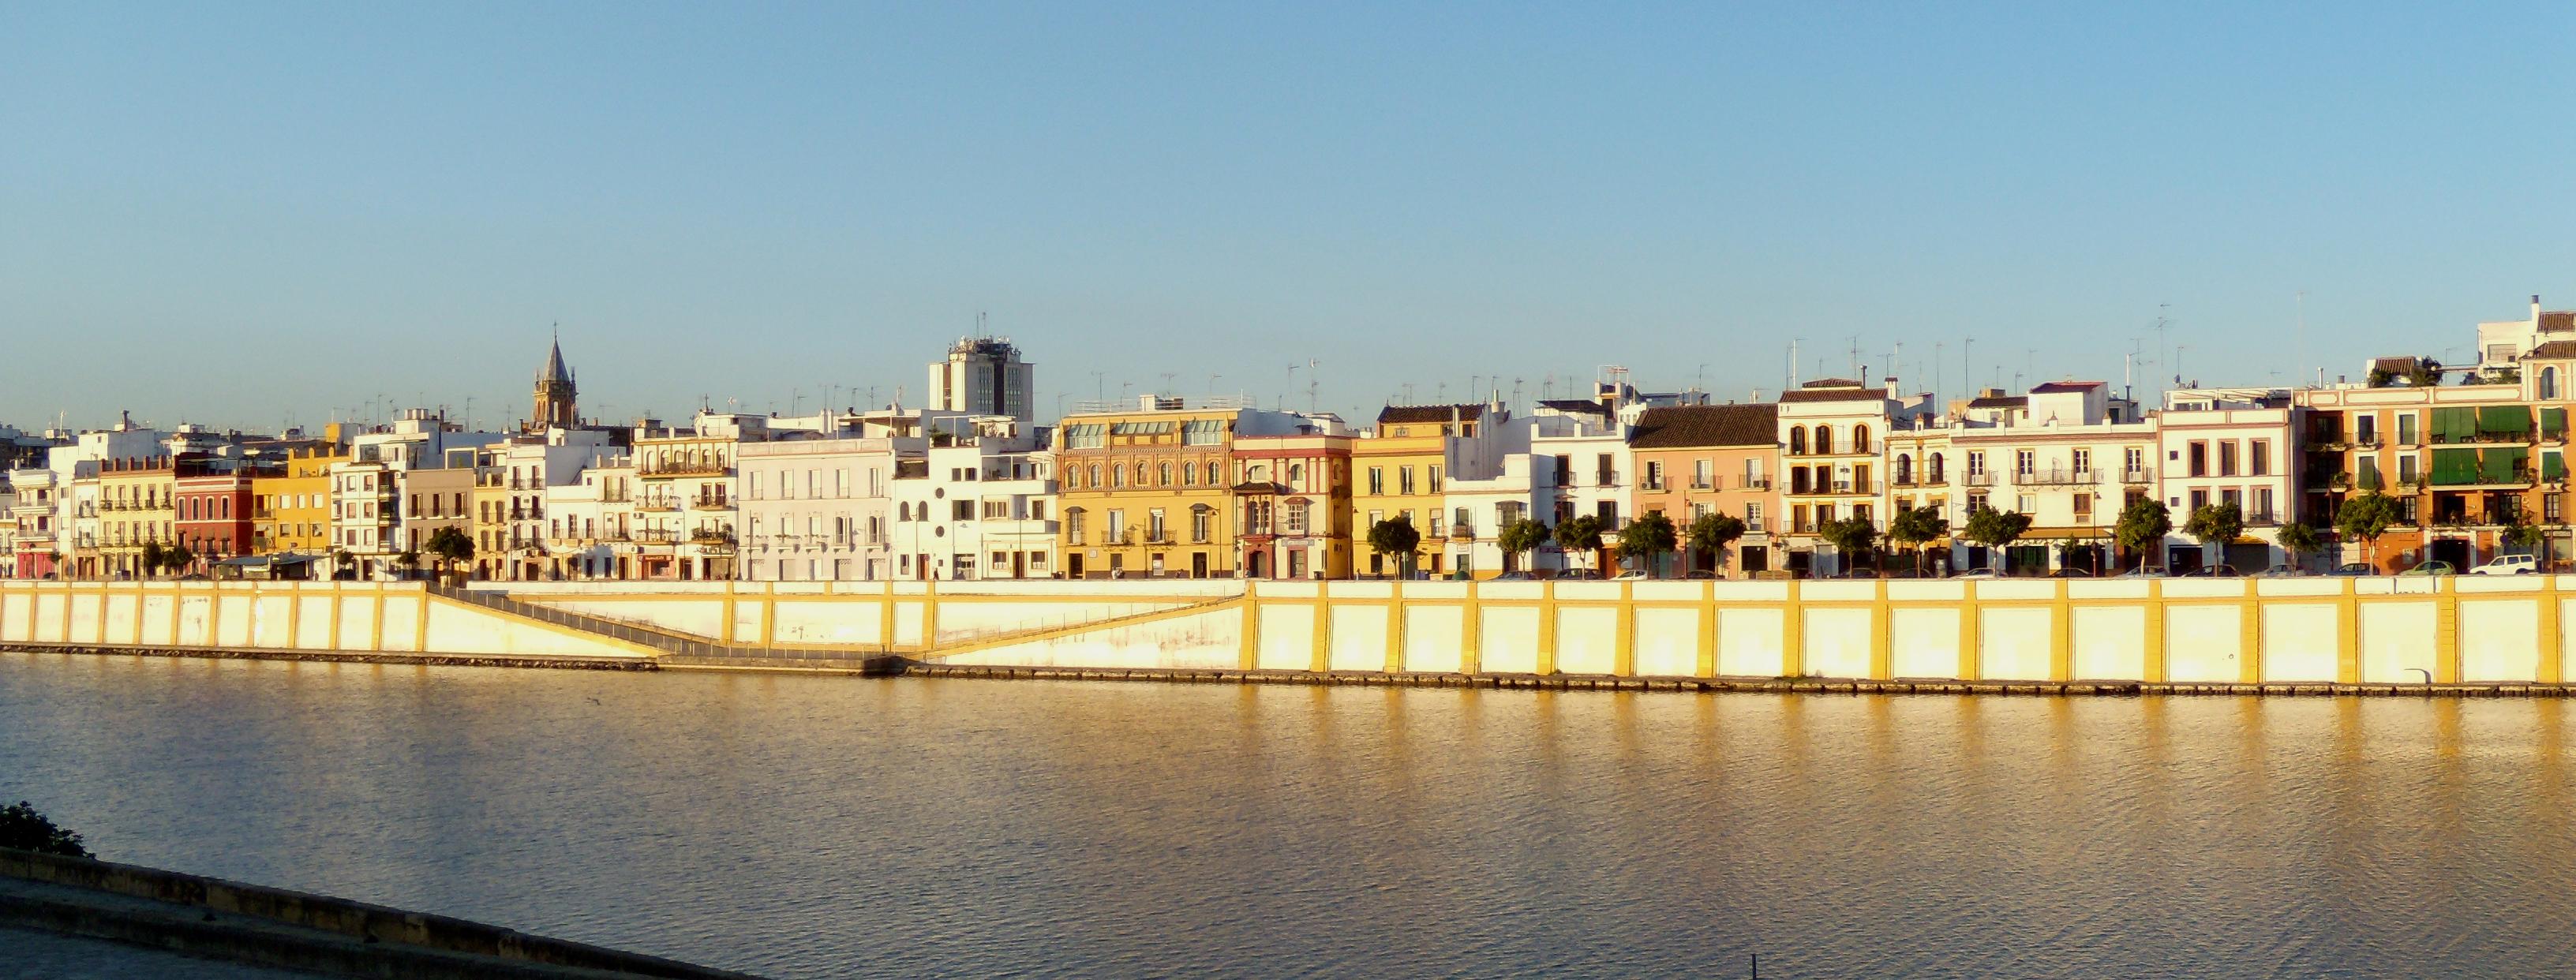 File calle betis morning light jpg wikimedia commons - Calle correduria sevilla ...